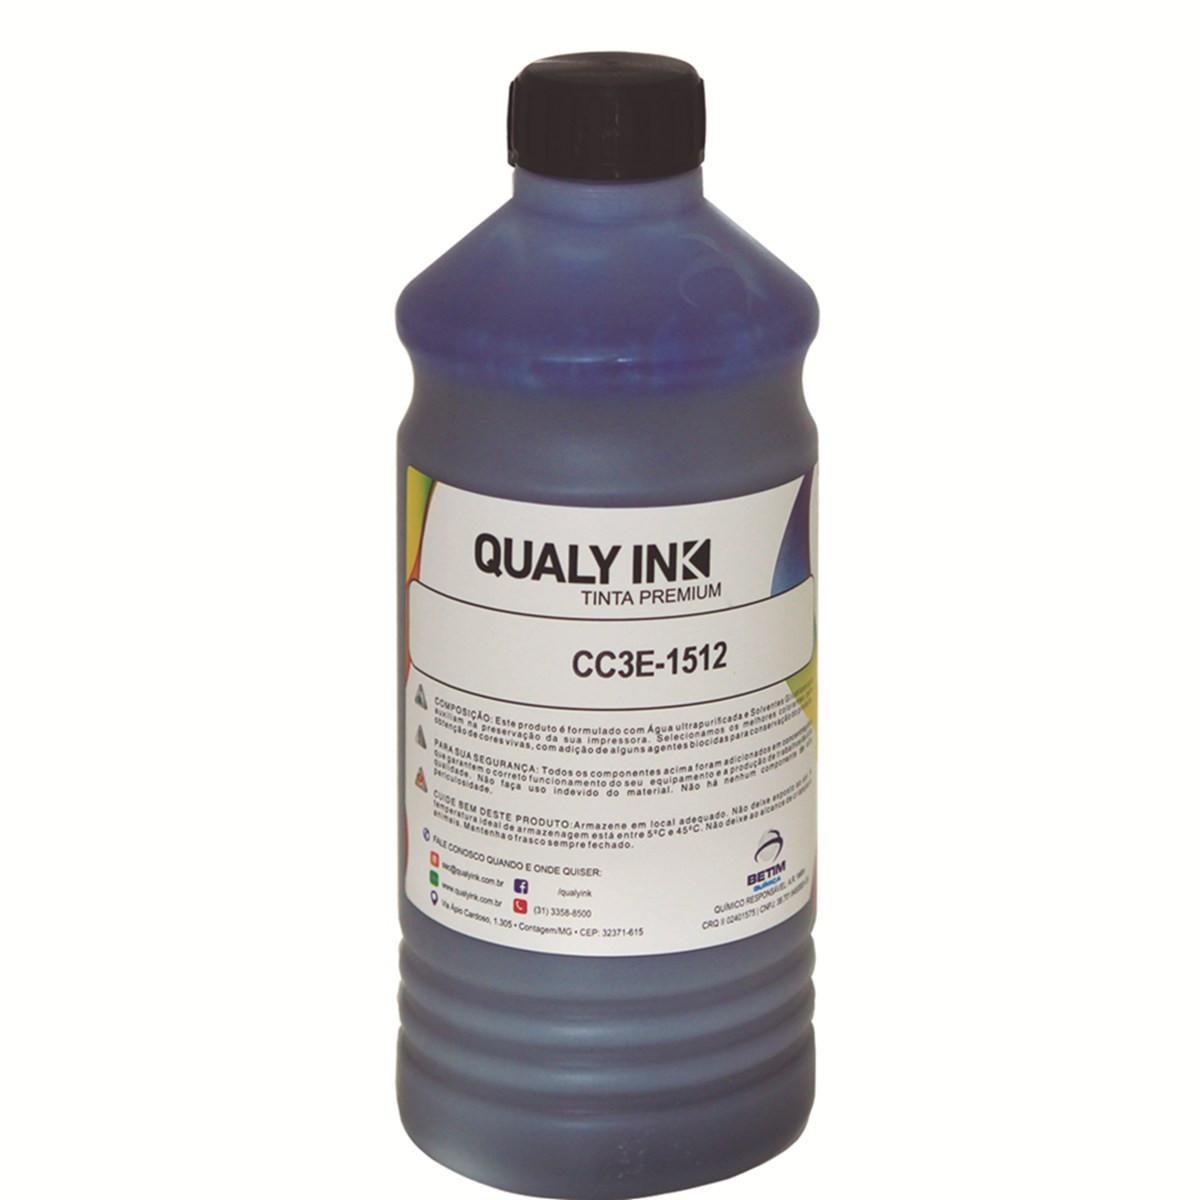 Tinta Epson T664220 Ciano Corante   L355 L365 L375 L555 L200 L455 L475 L395 L606   Qualy ink 1kg